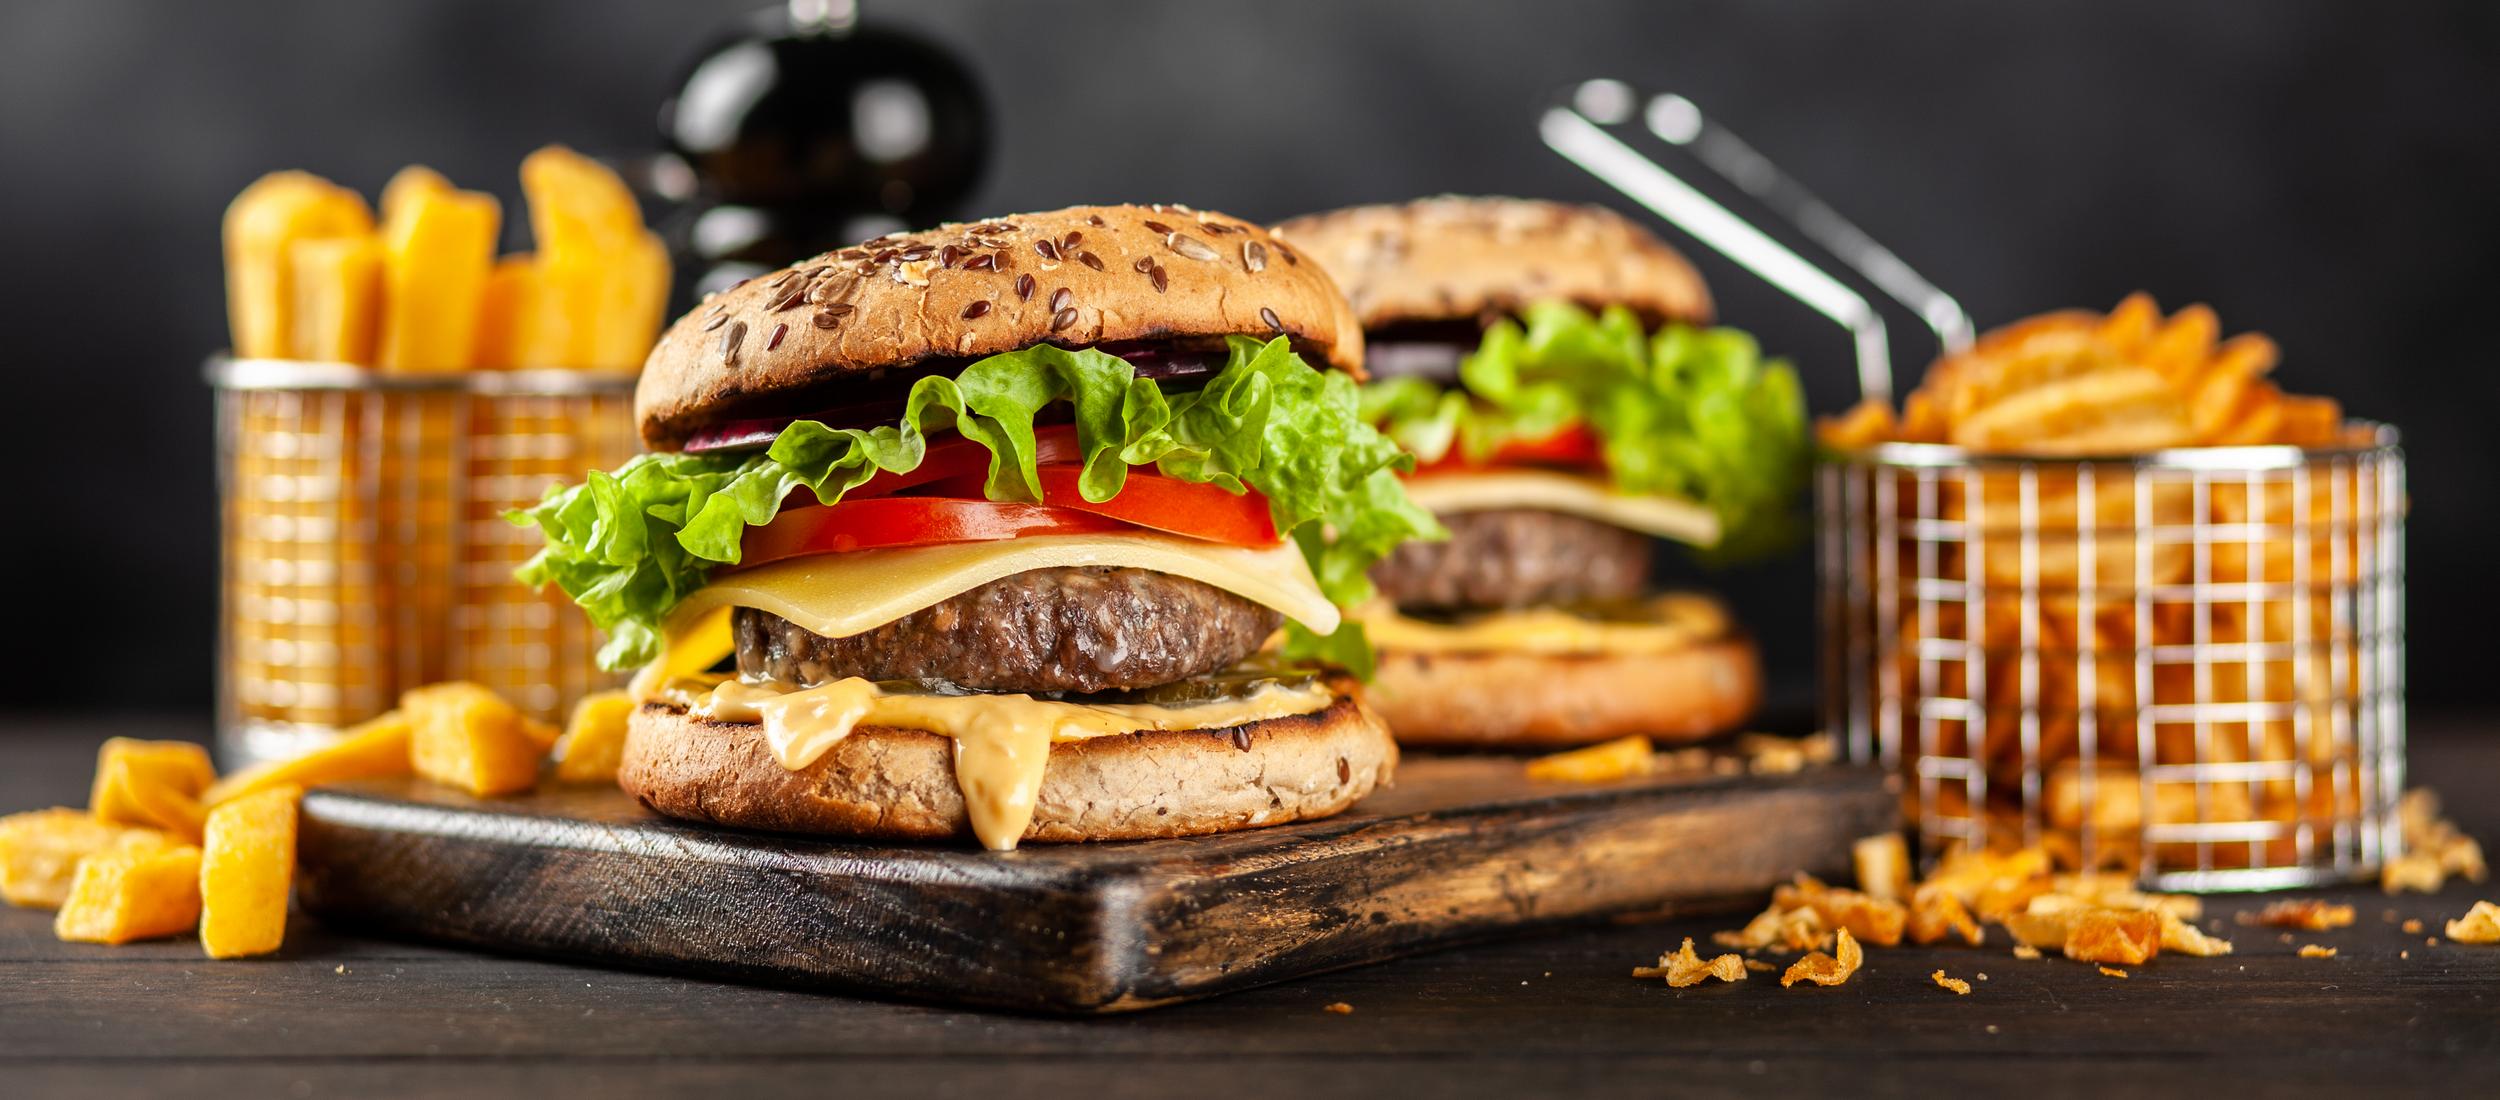 Jakie mięso na burgery wybrać?